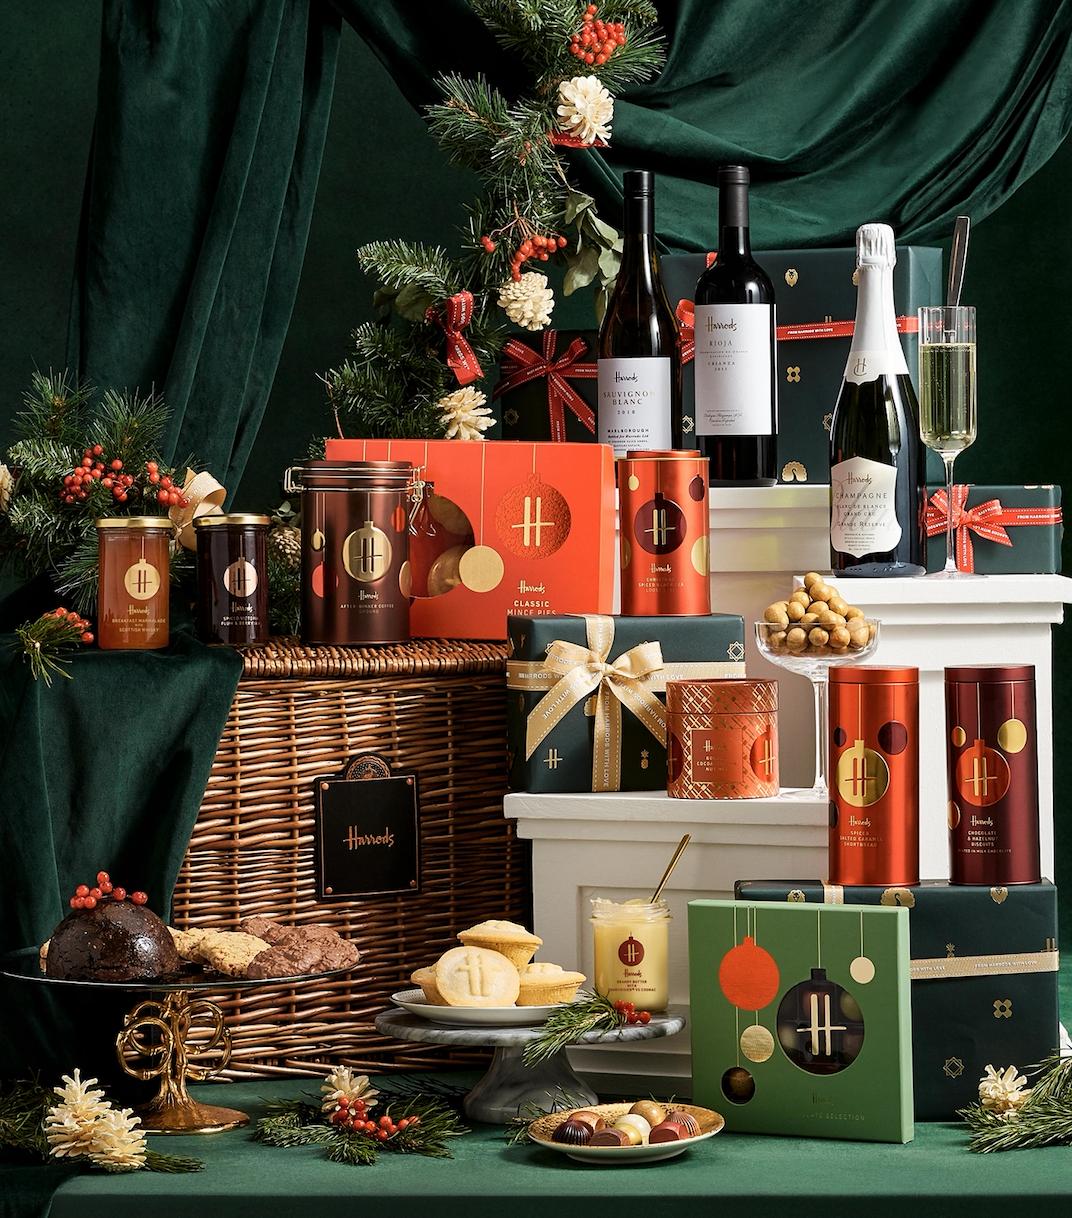 Win a Harrods Knightsbridge Christmas Hamper